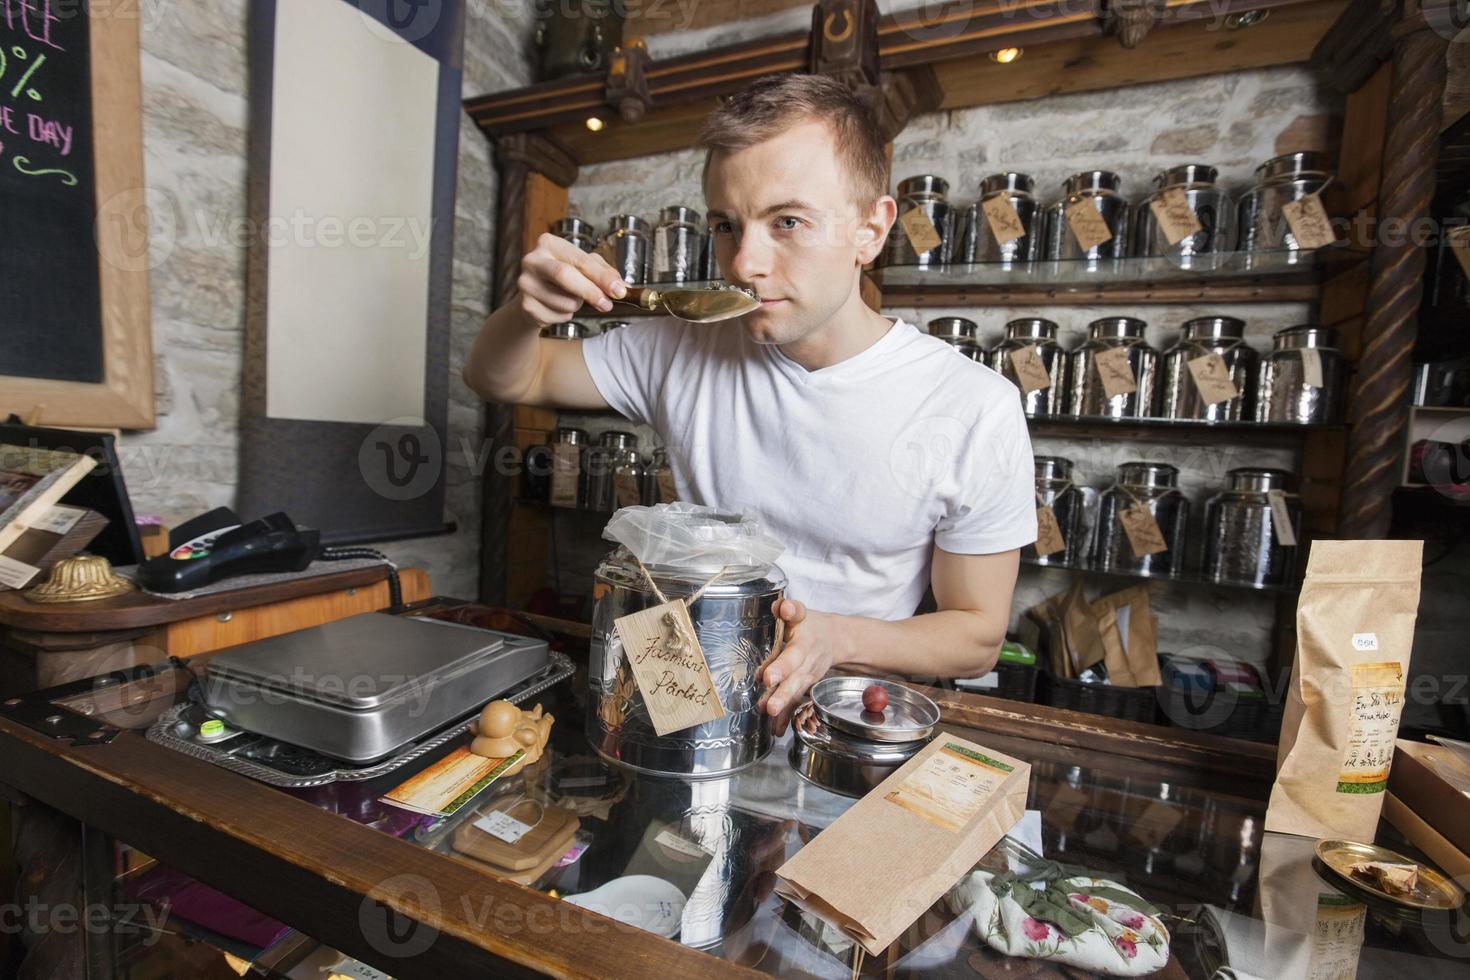 vendedor cheirando chá na loja foto